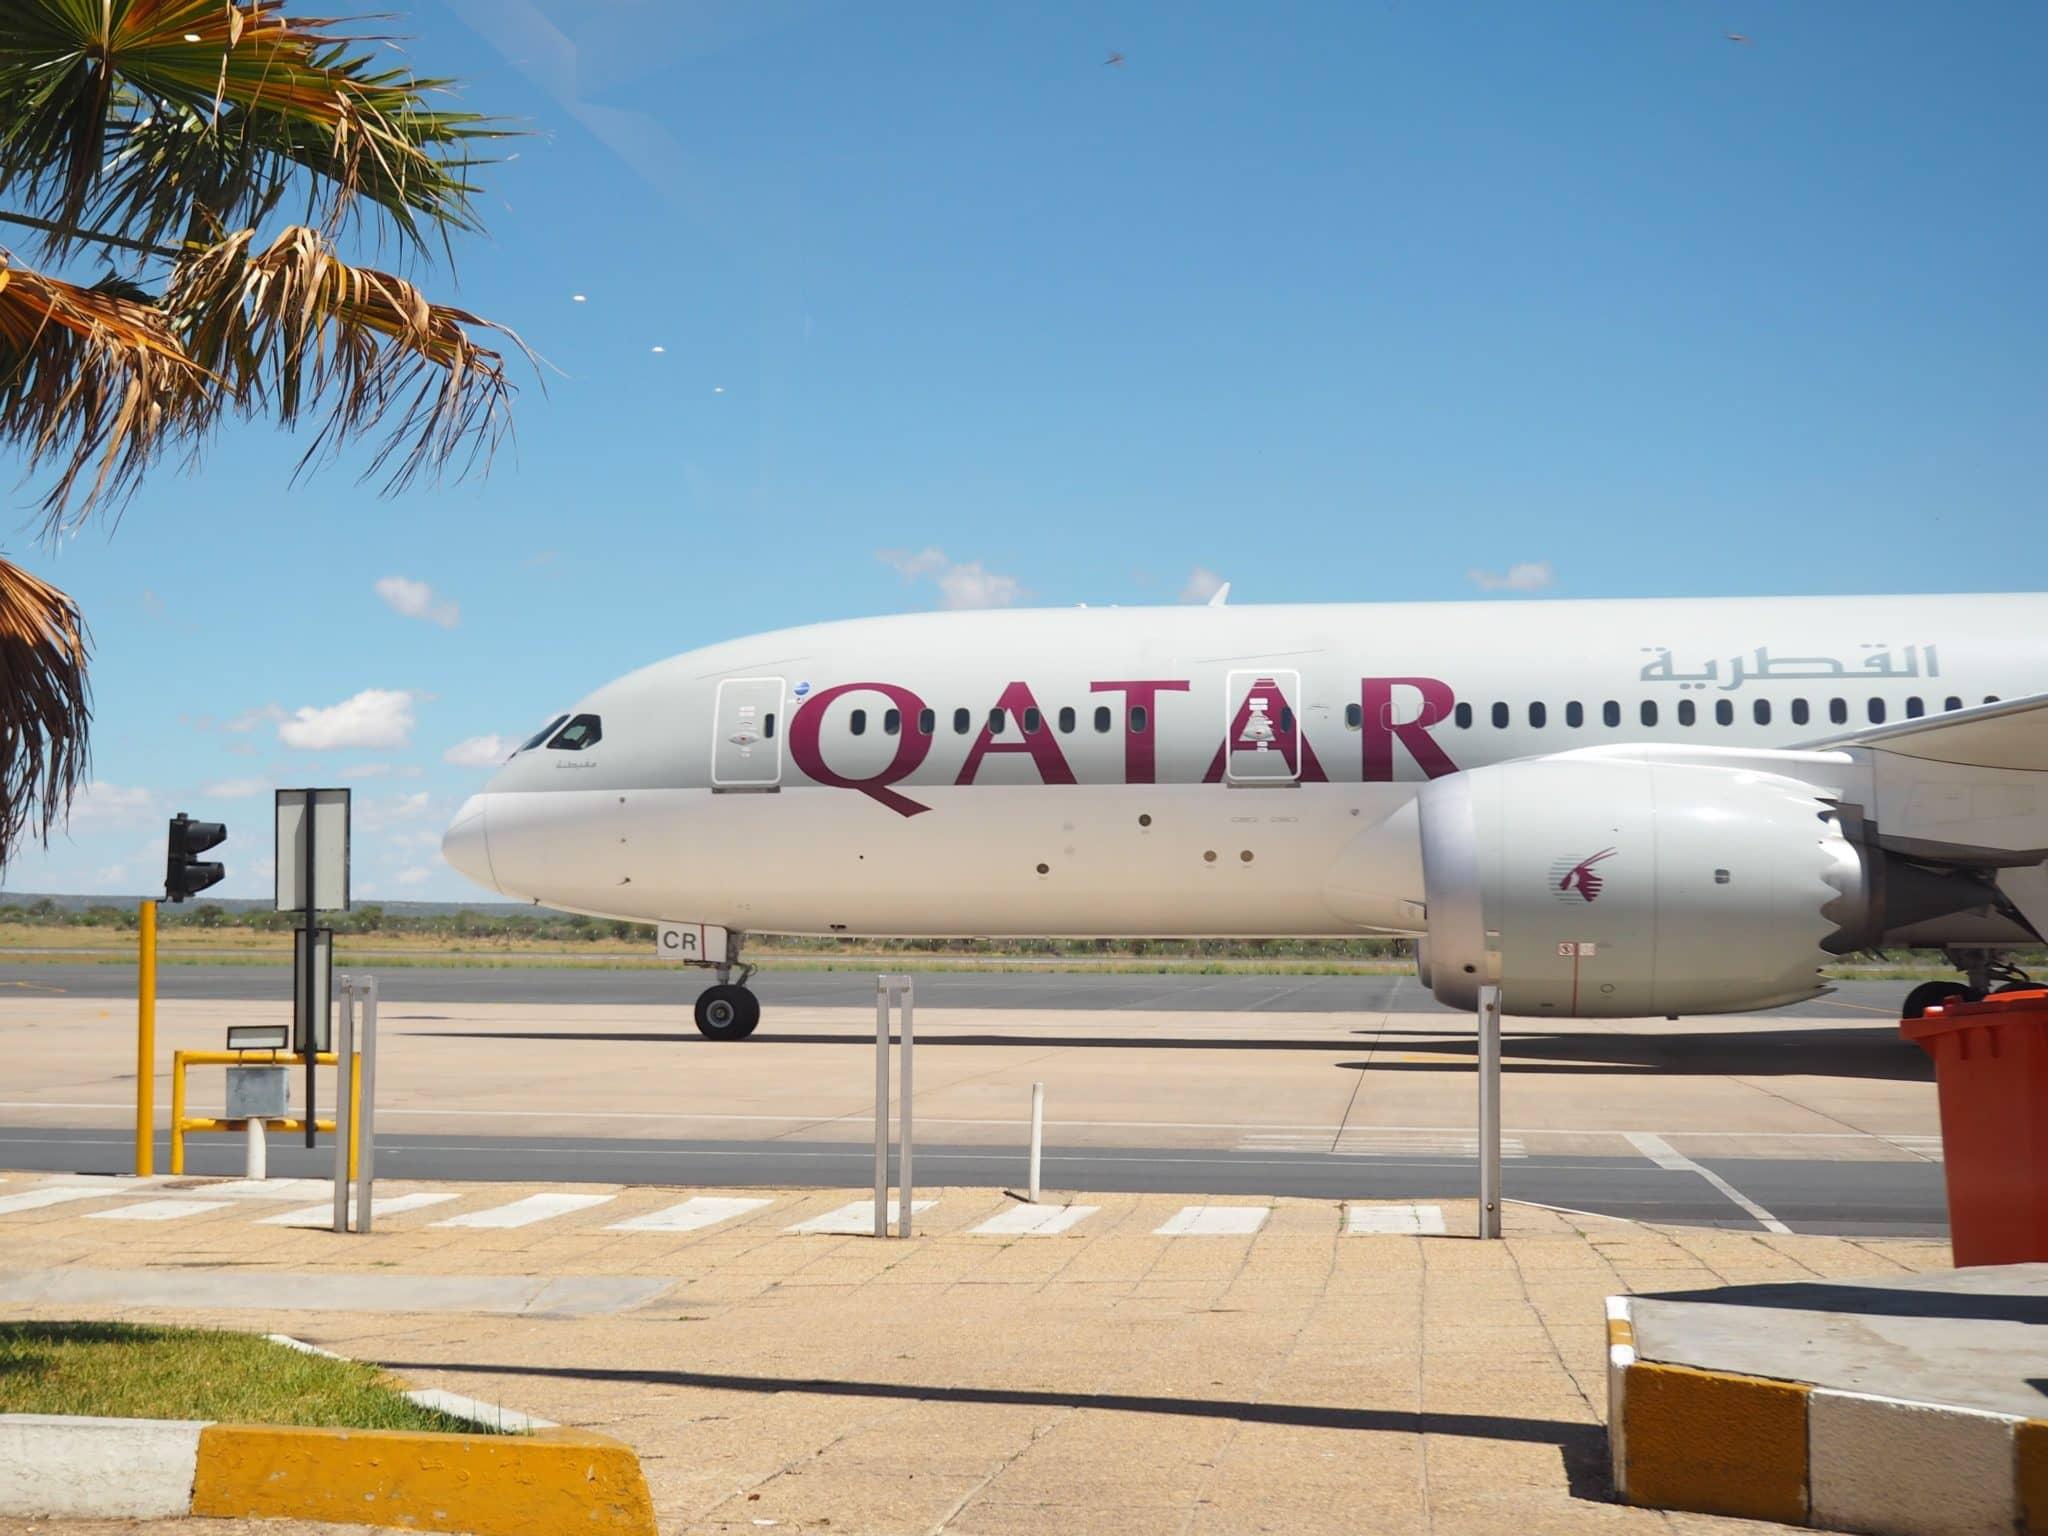 Qatar Airways Boeing 787-8 Dreamliner am Flughafen Windhoek